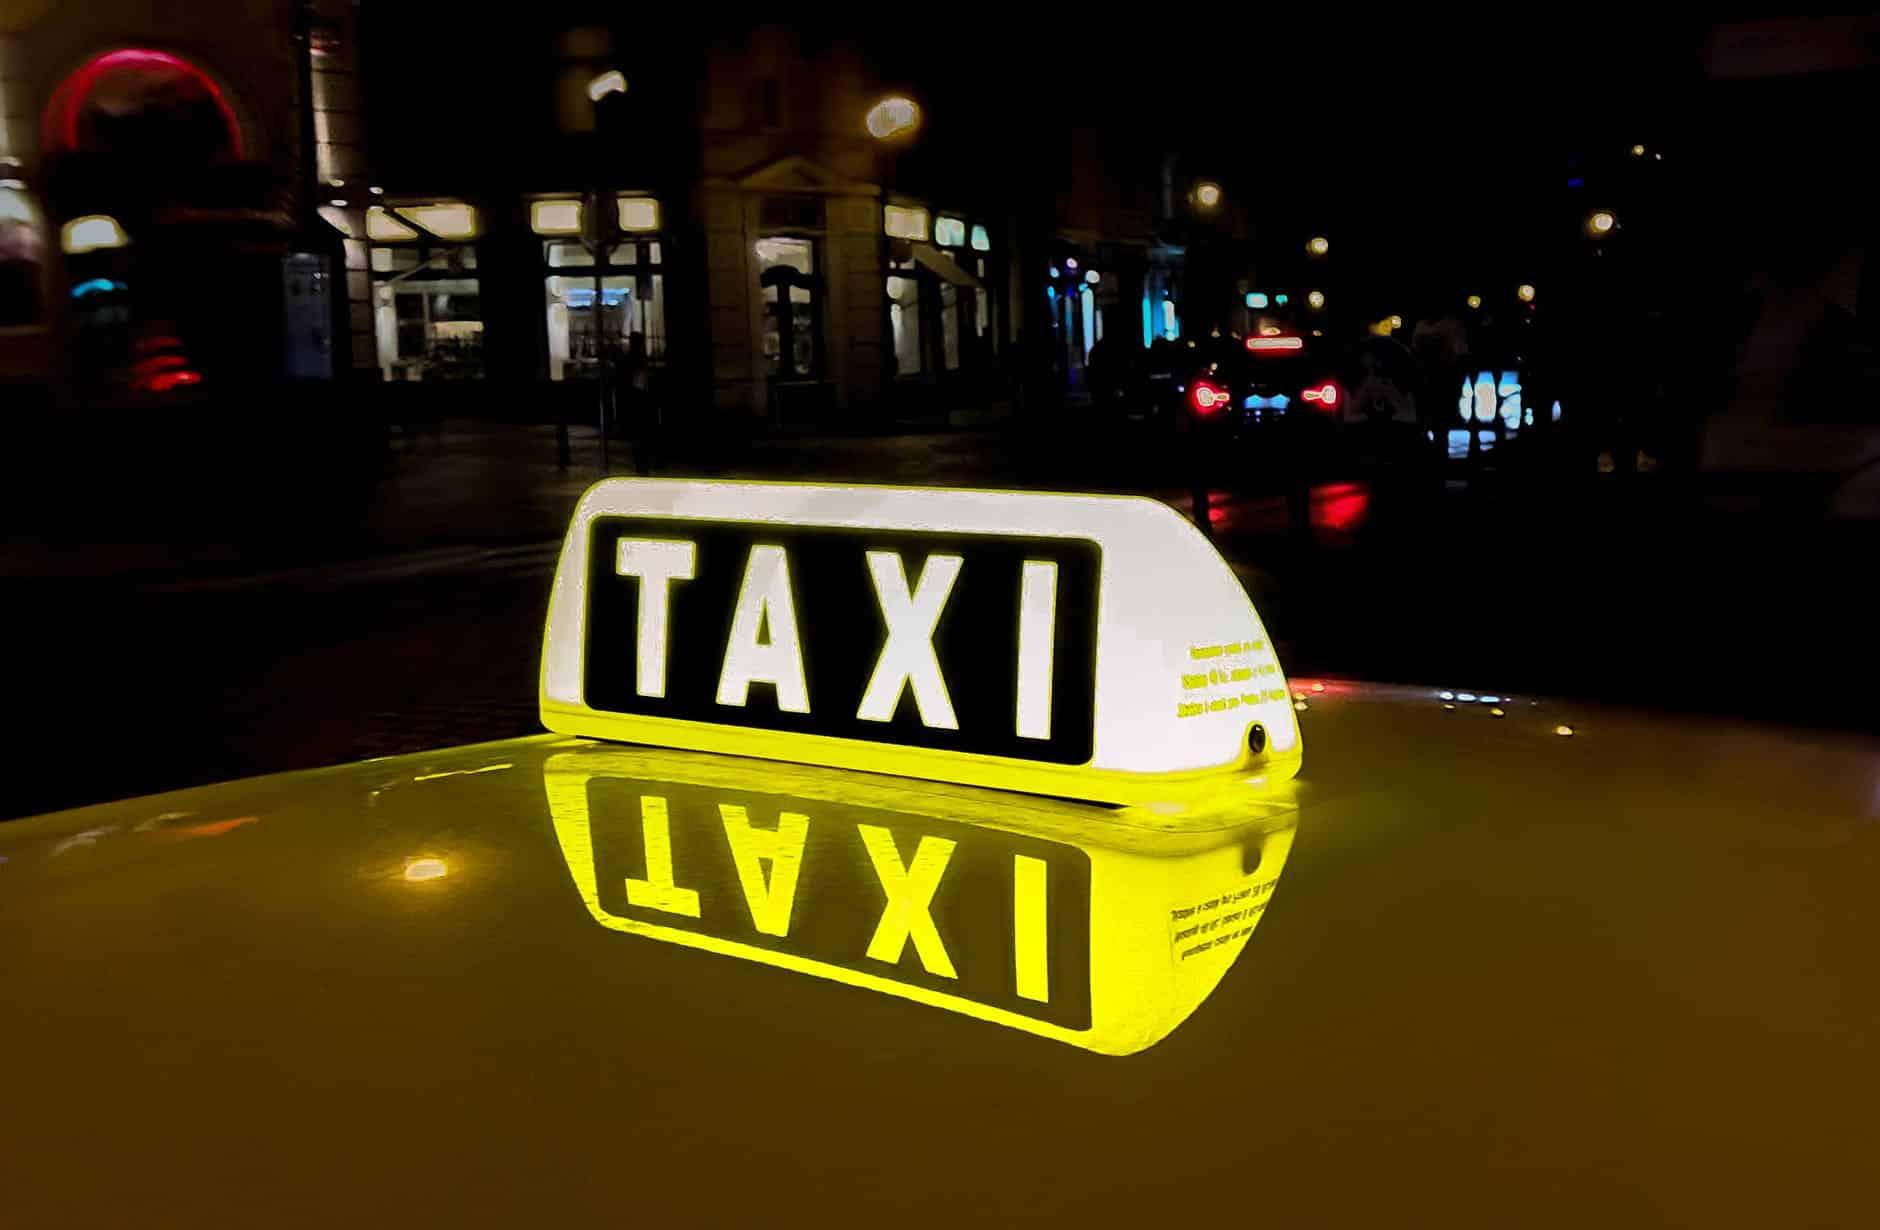 4 Cách đi taxi giá rẻ – Chi phí, Ứng dụng, Mẹo cần biết – Tiết kiệm Hiệu quả